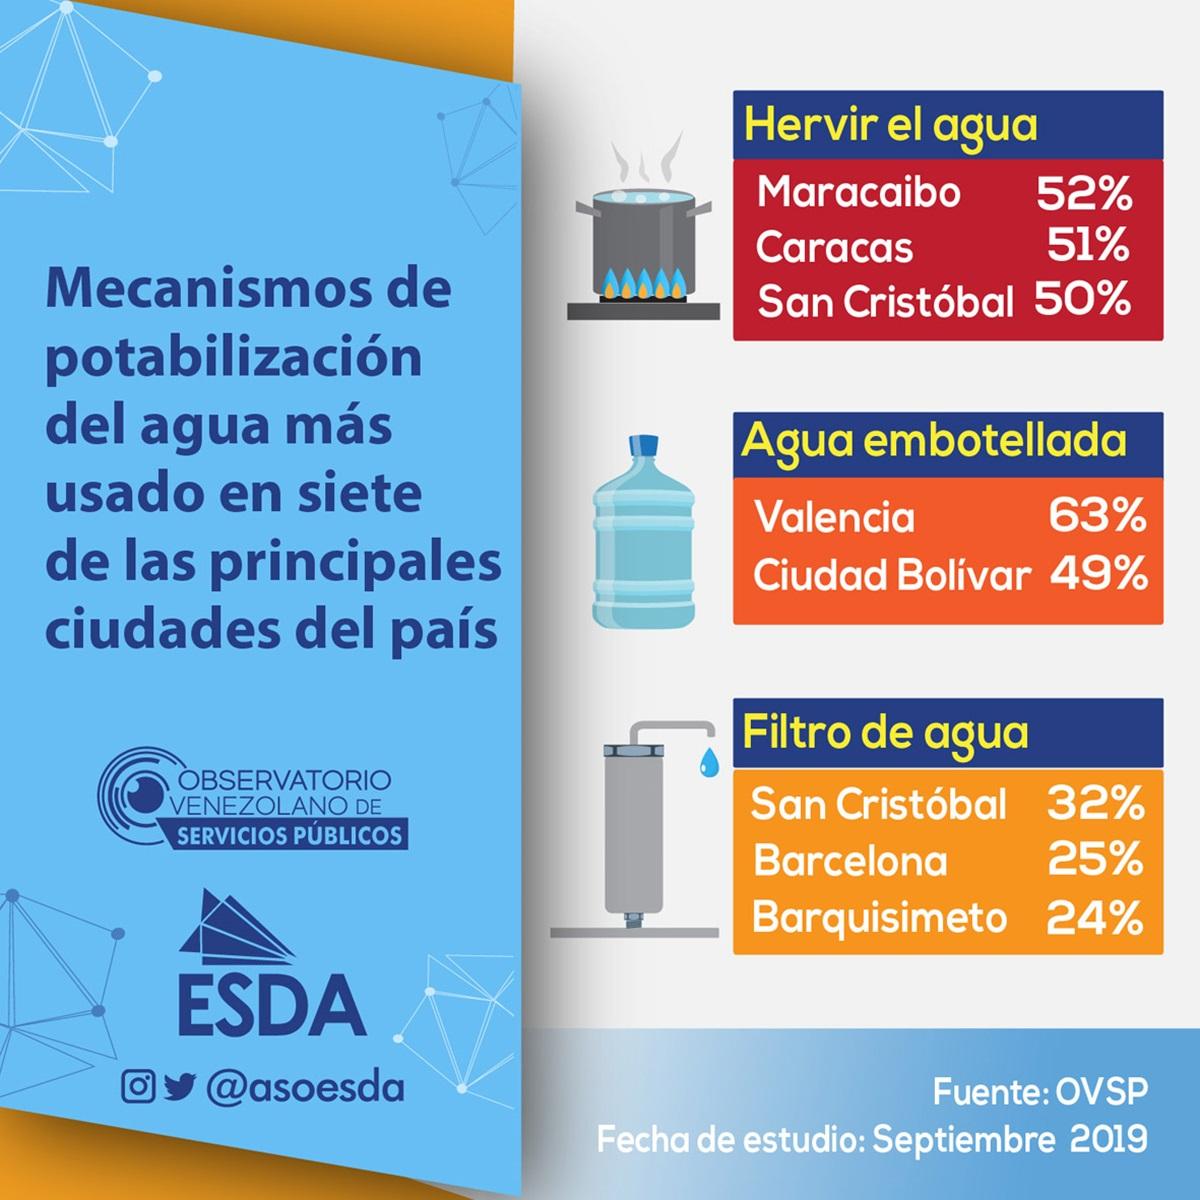 Observatorio Venezolano de los Servicios Públicos - Hervir el agua